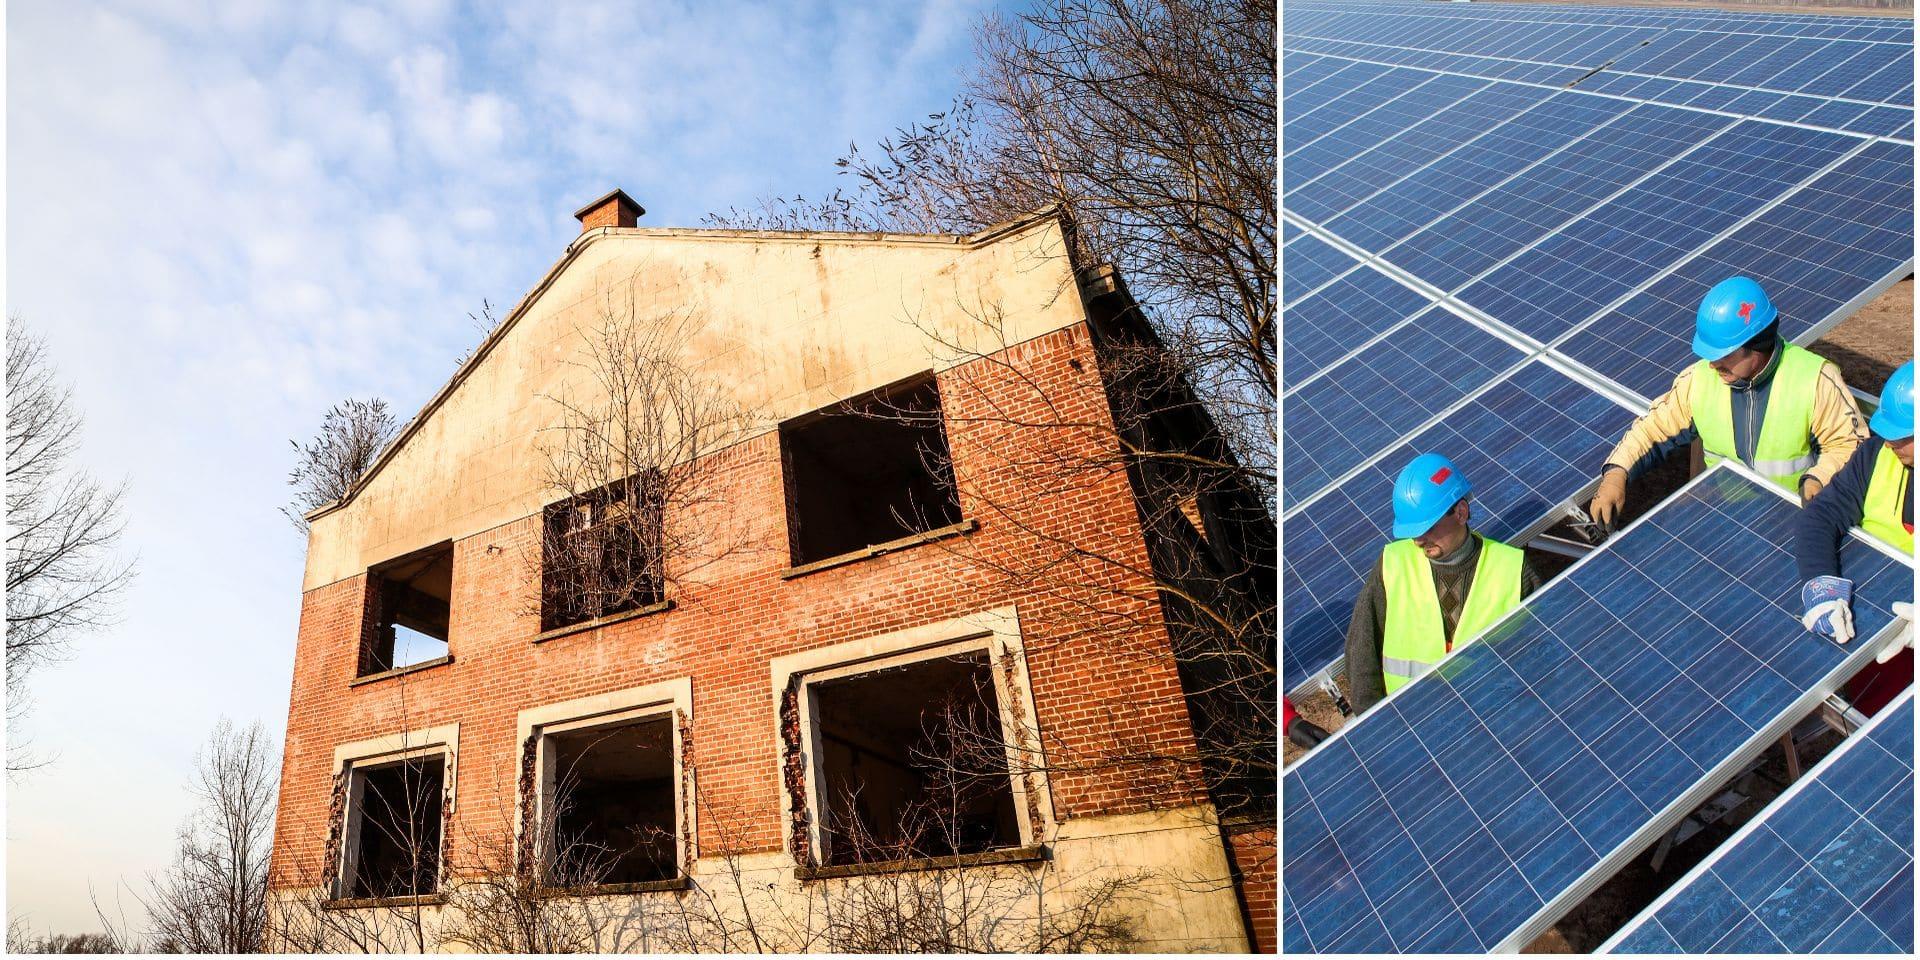 Le plus grand parc photovoltaïque de Wallonie en projet à Hensies !